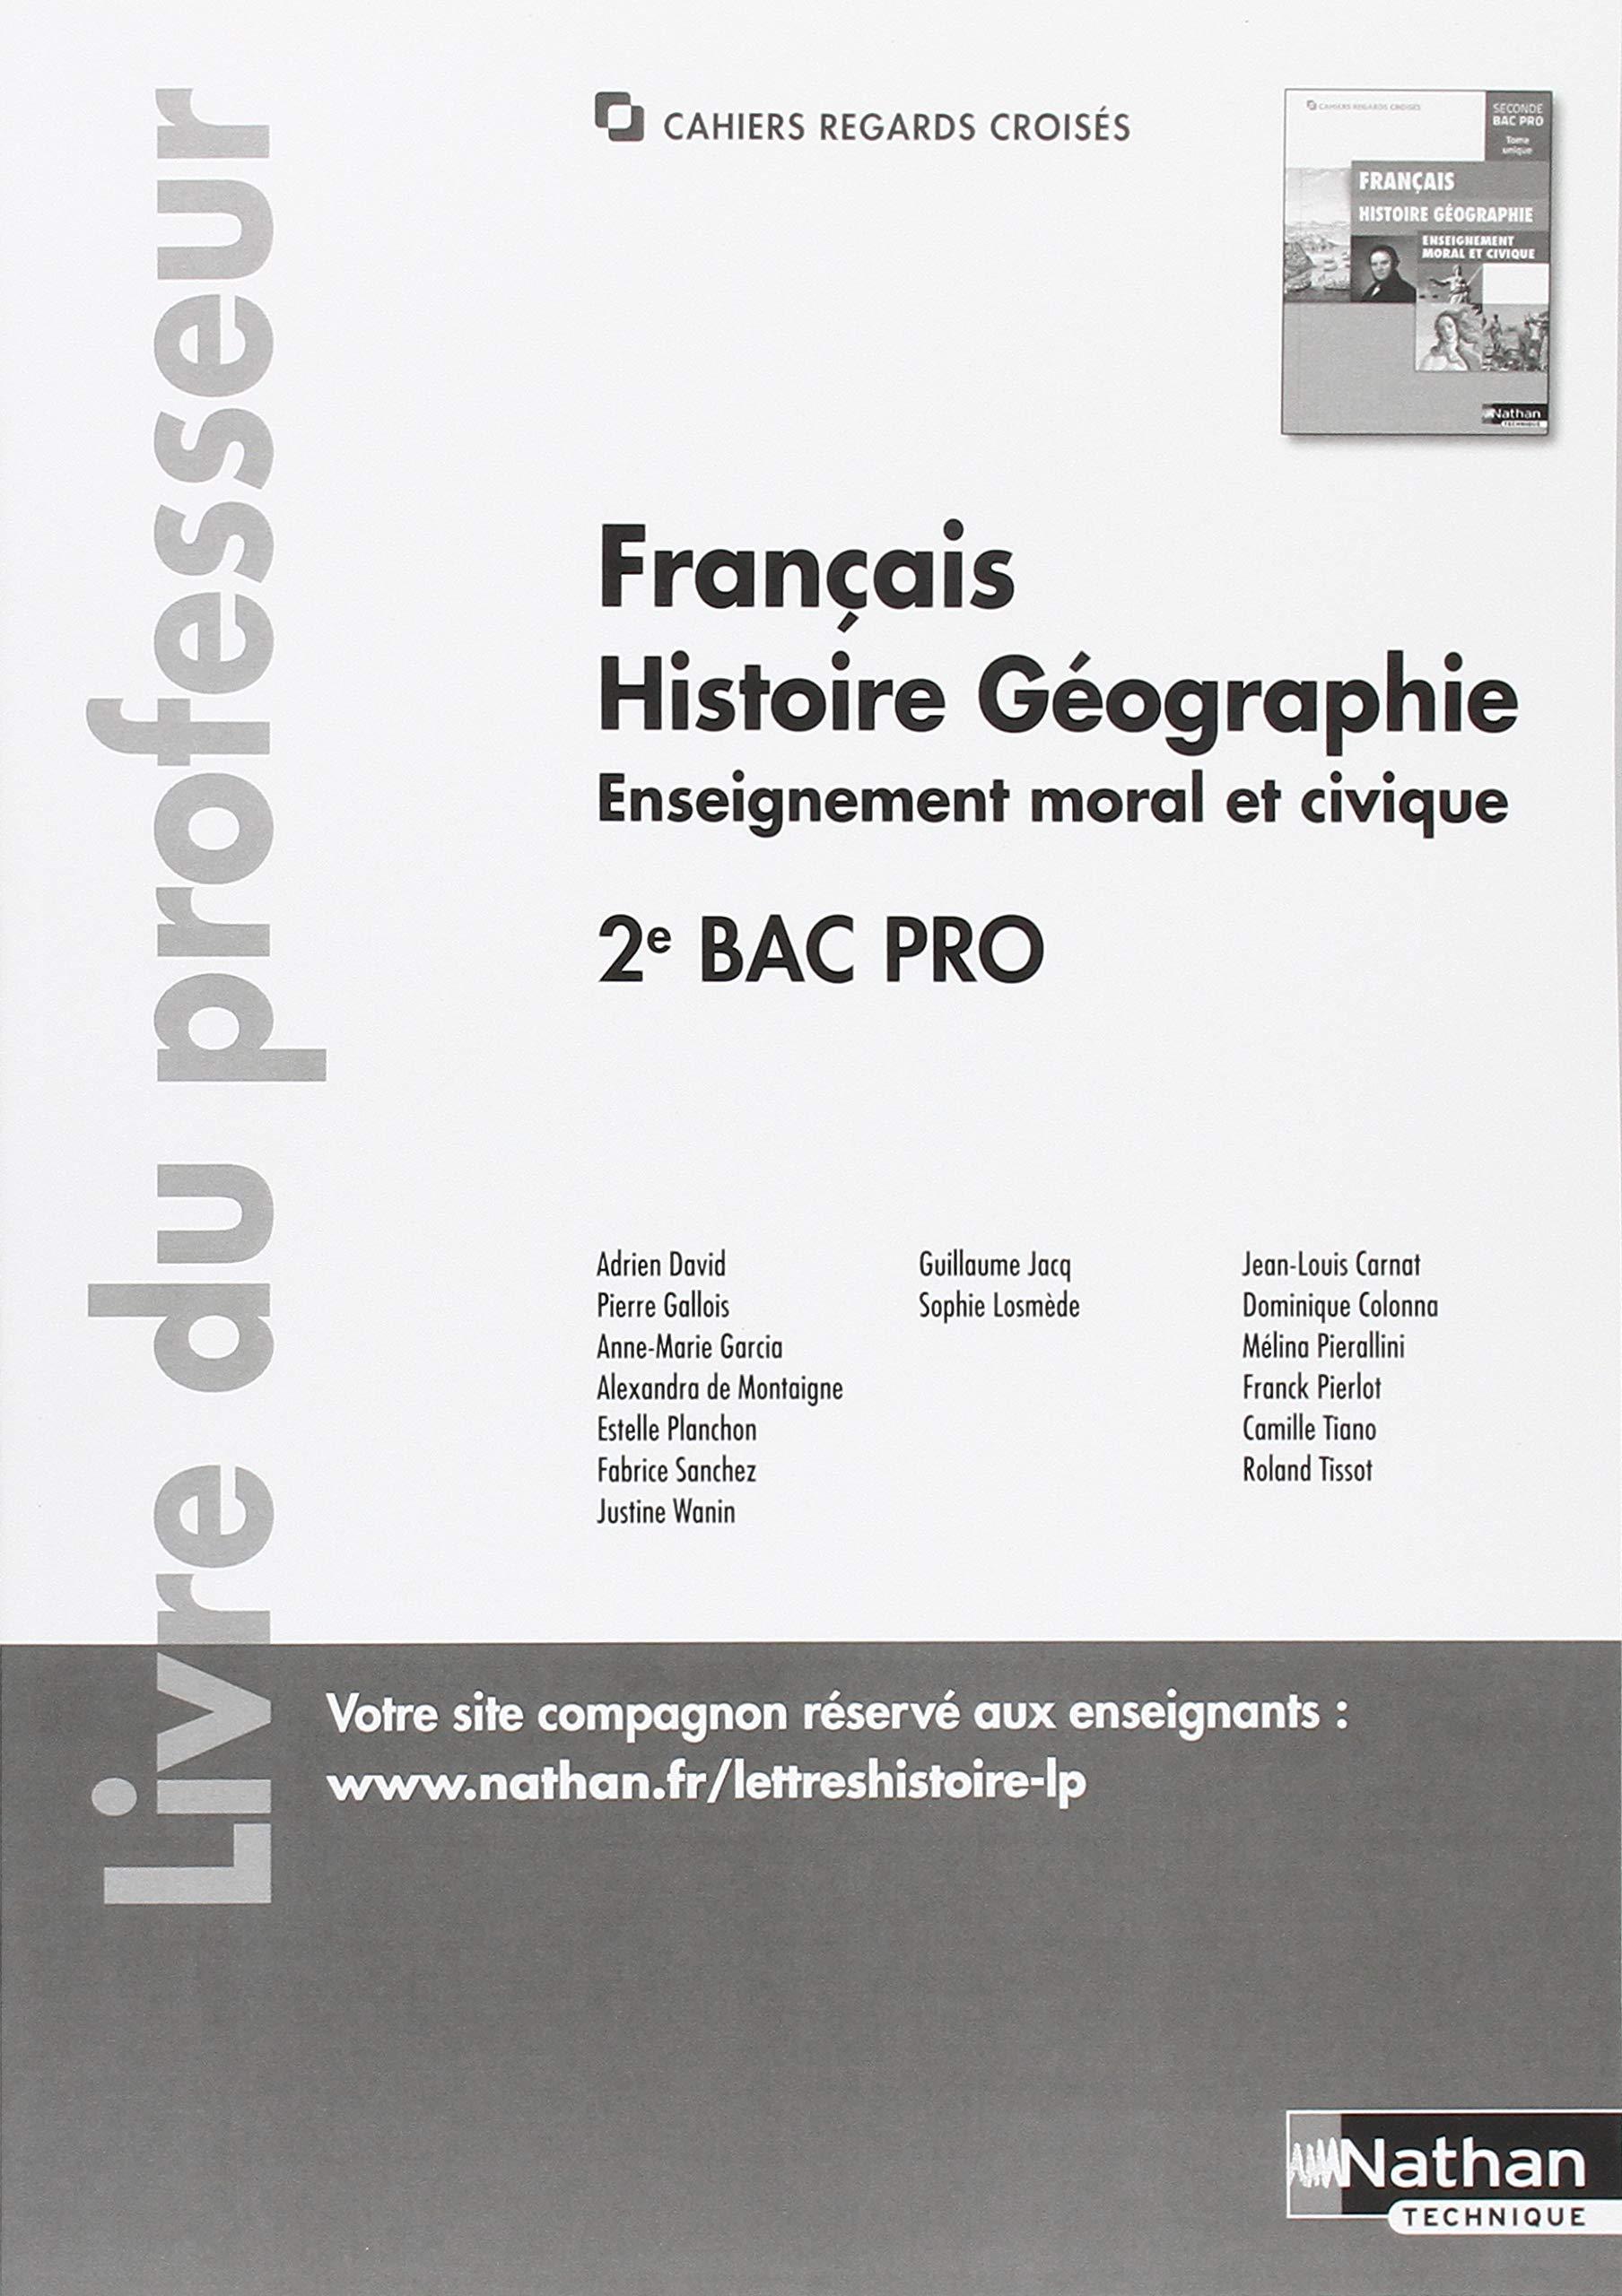 Francais Histoire Geographien Enseignement Moral Et Civique